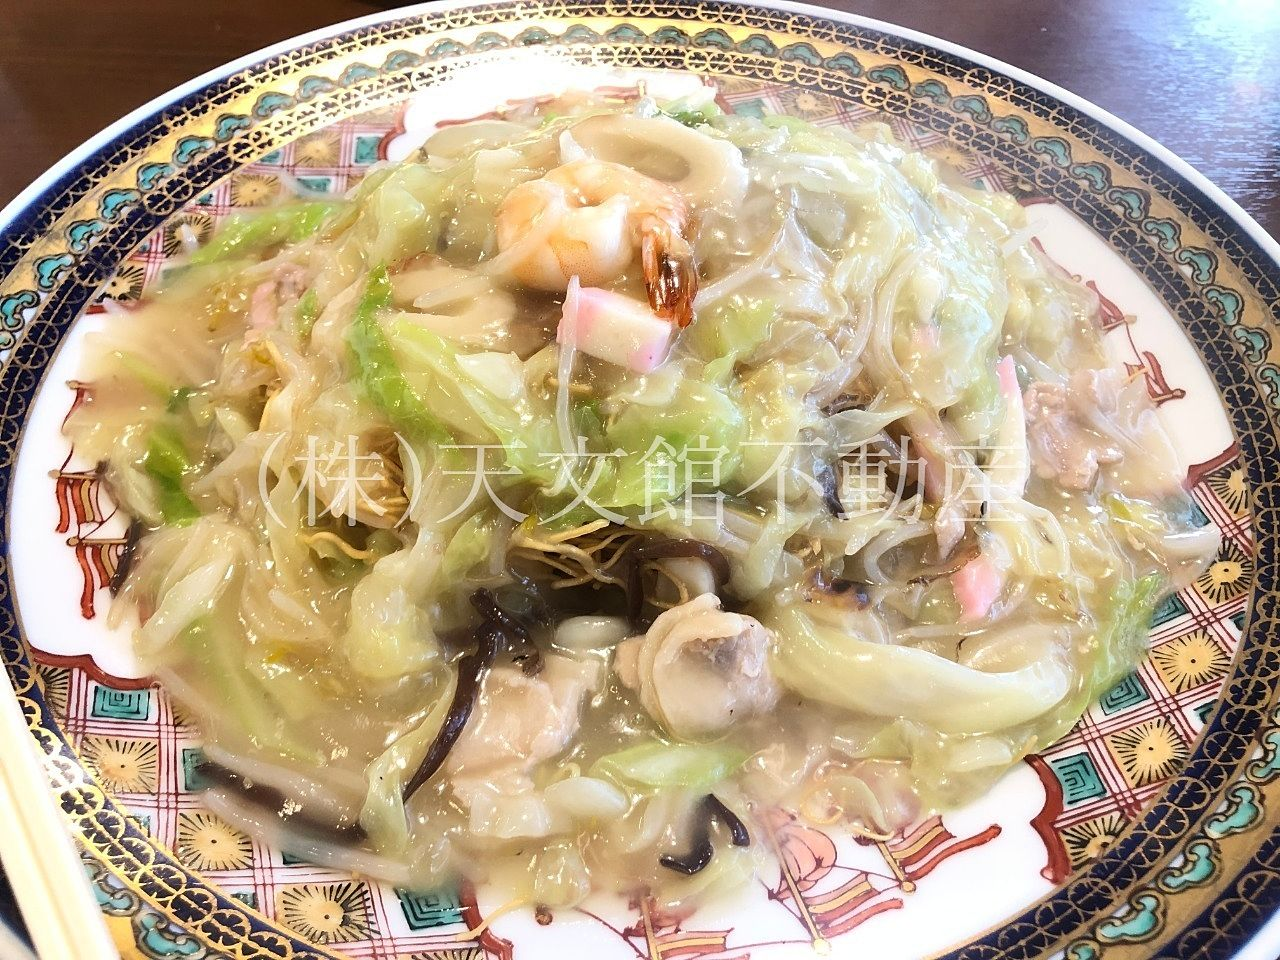 鹿児島市城山町「長崎庵」美味しい長崎ちゃんぽん、皿うどんが頂けます